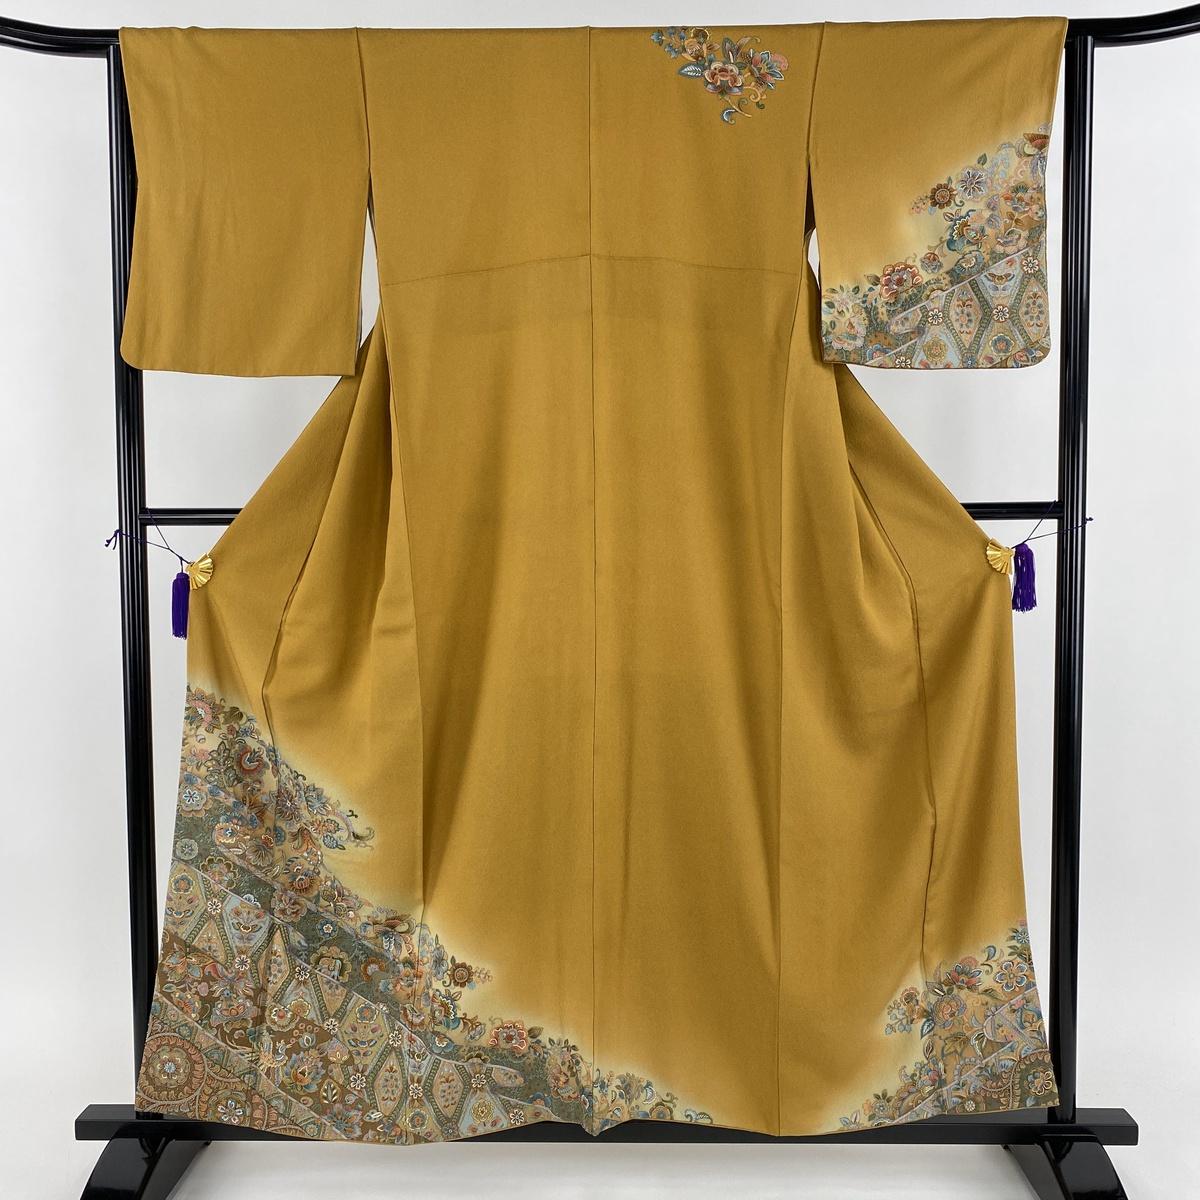 訪問着 美品 名品 更紗 鳥 相良刺繍 ぼかし 黄土色 袷 身丈155.5cm 裄丈64cm M 正絹 【中古】